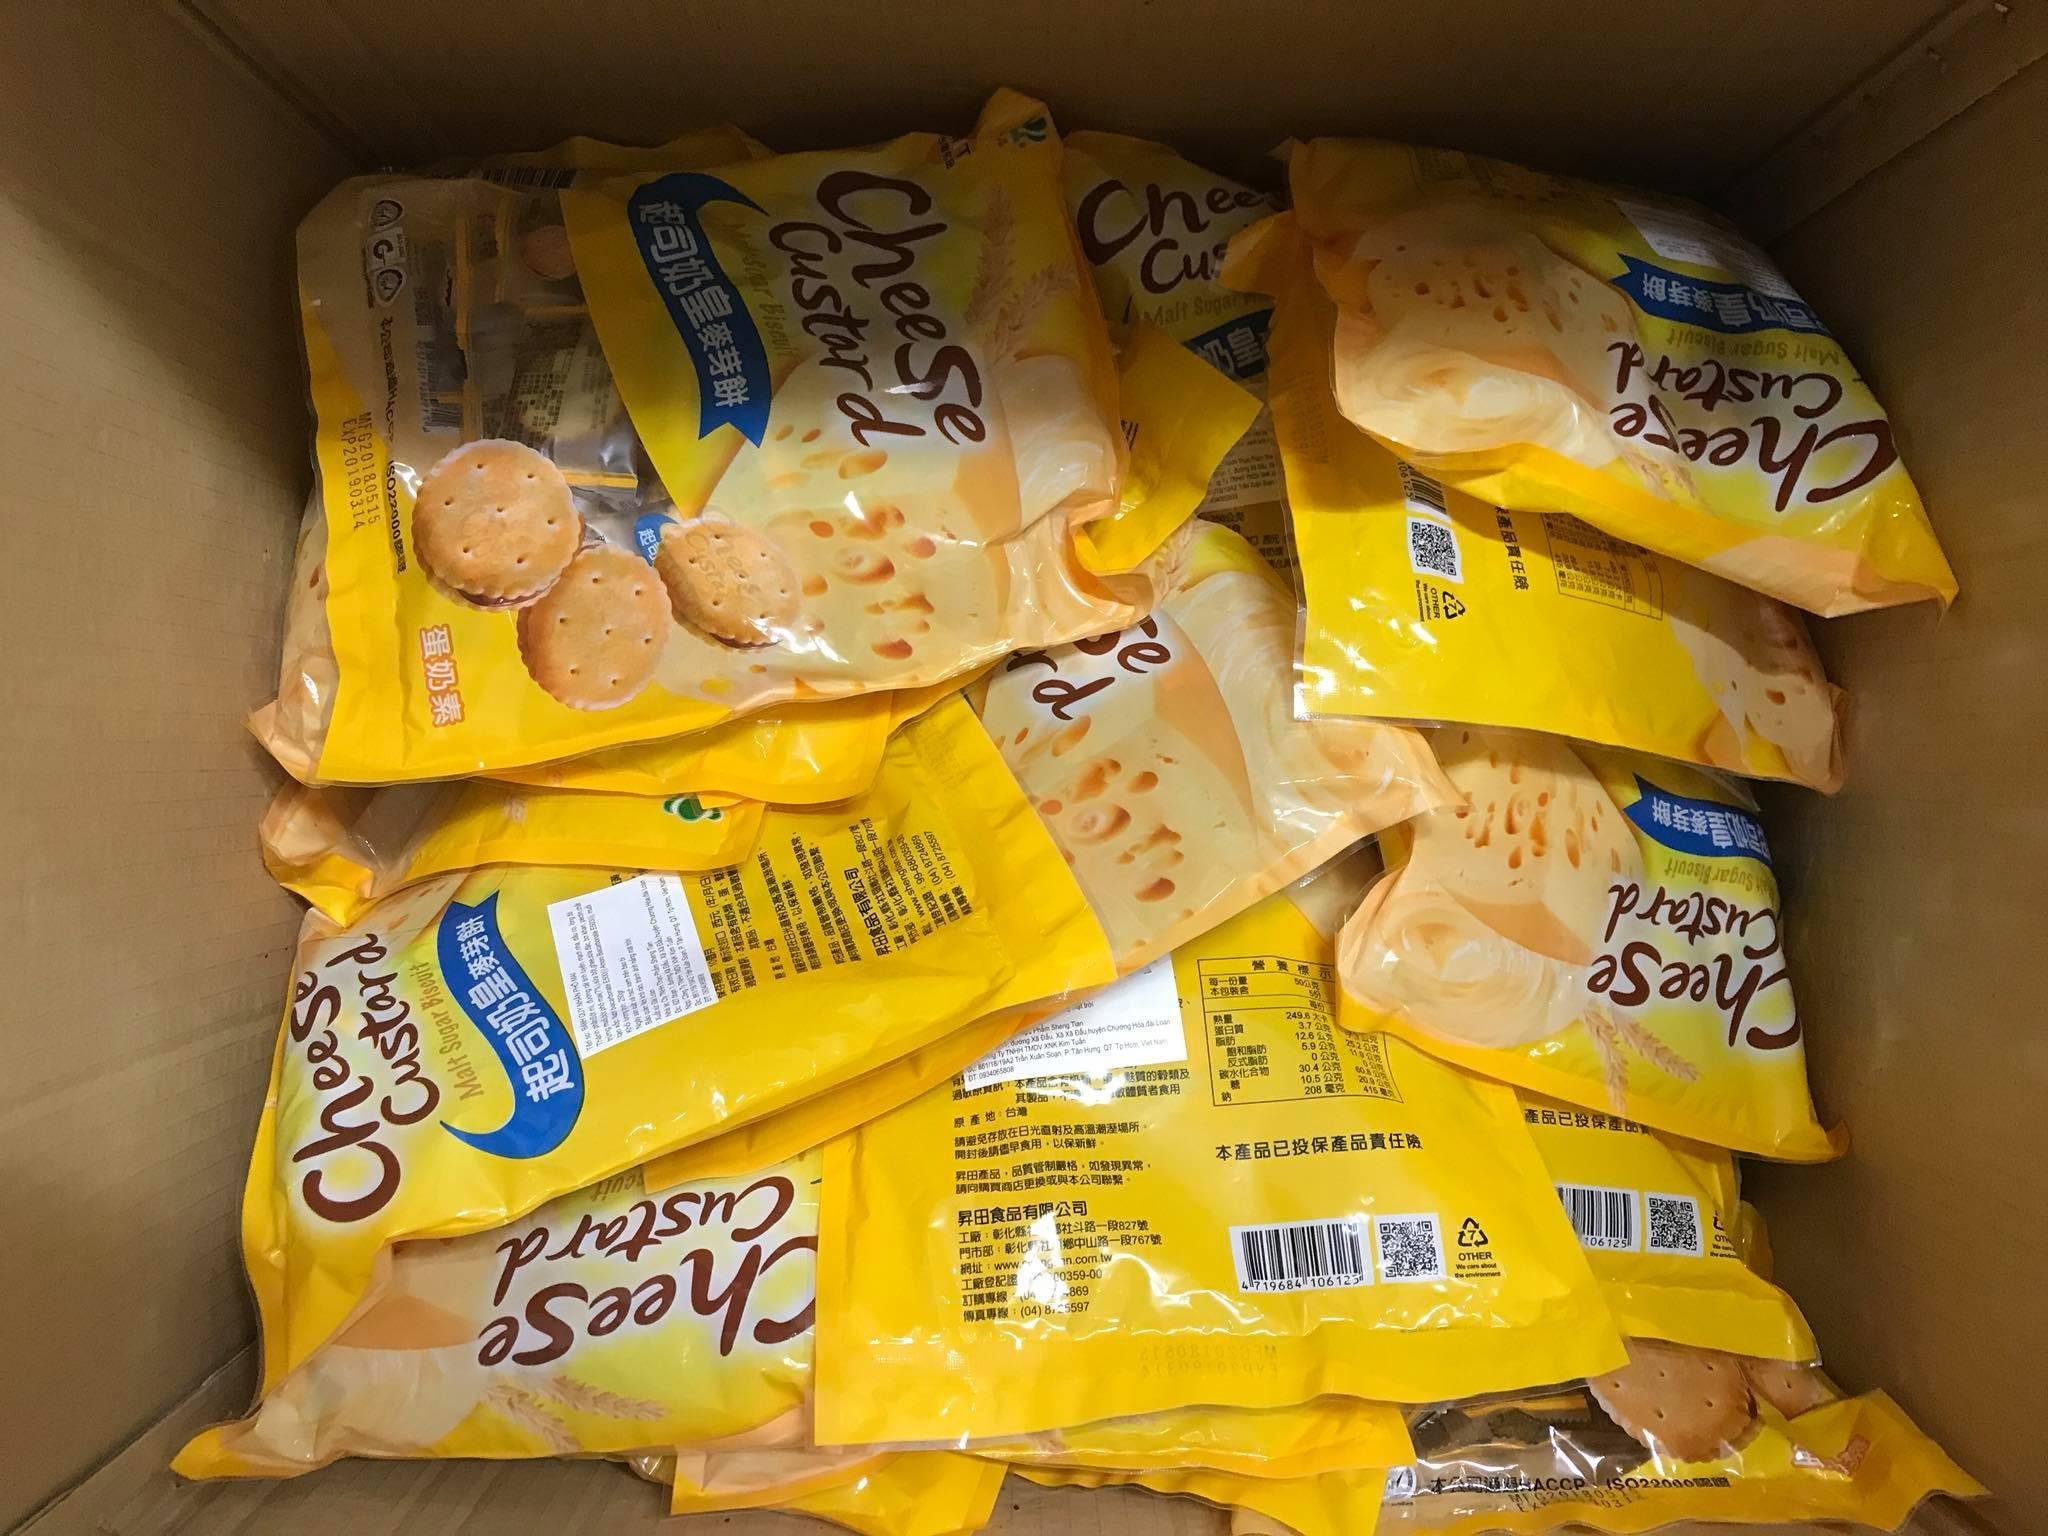 Kết quả hình ảnh cho cheese custard malt sugar taiwan